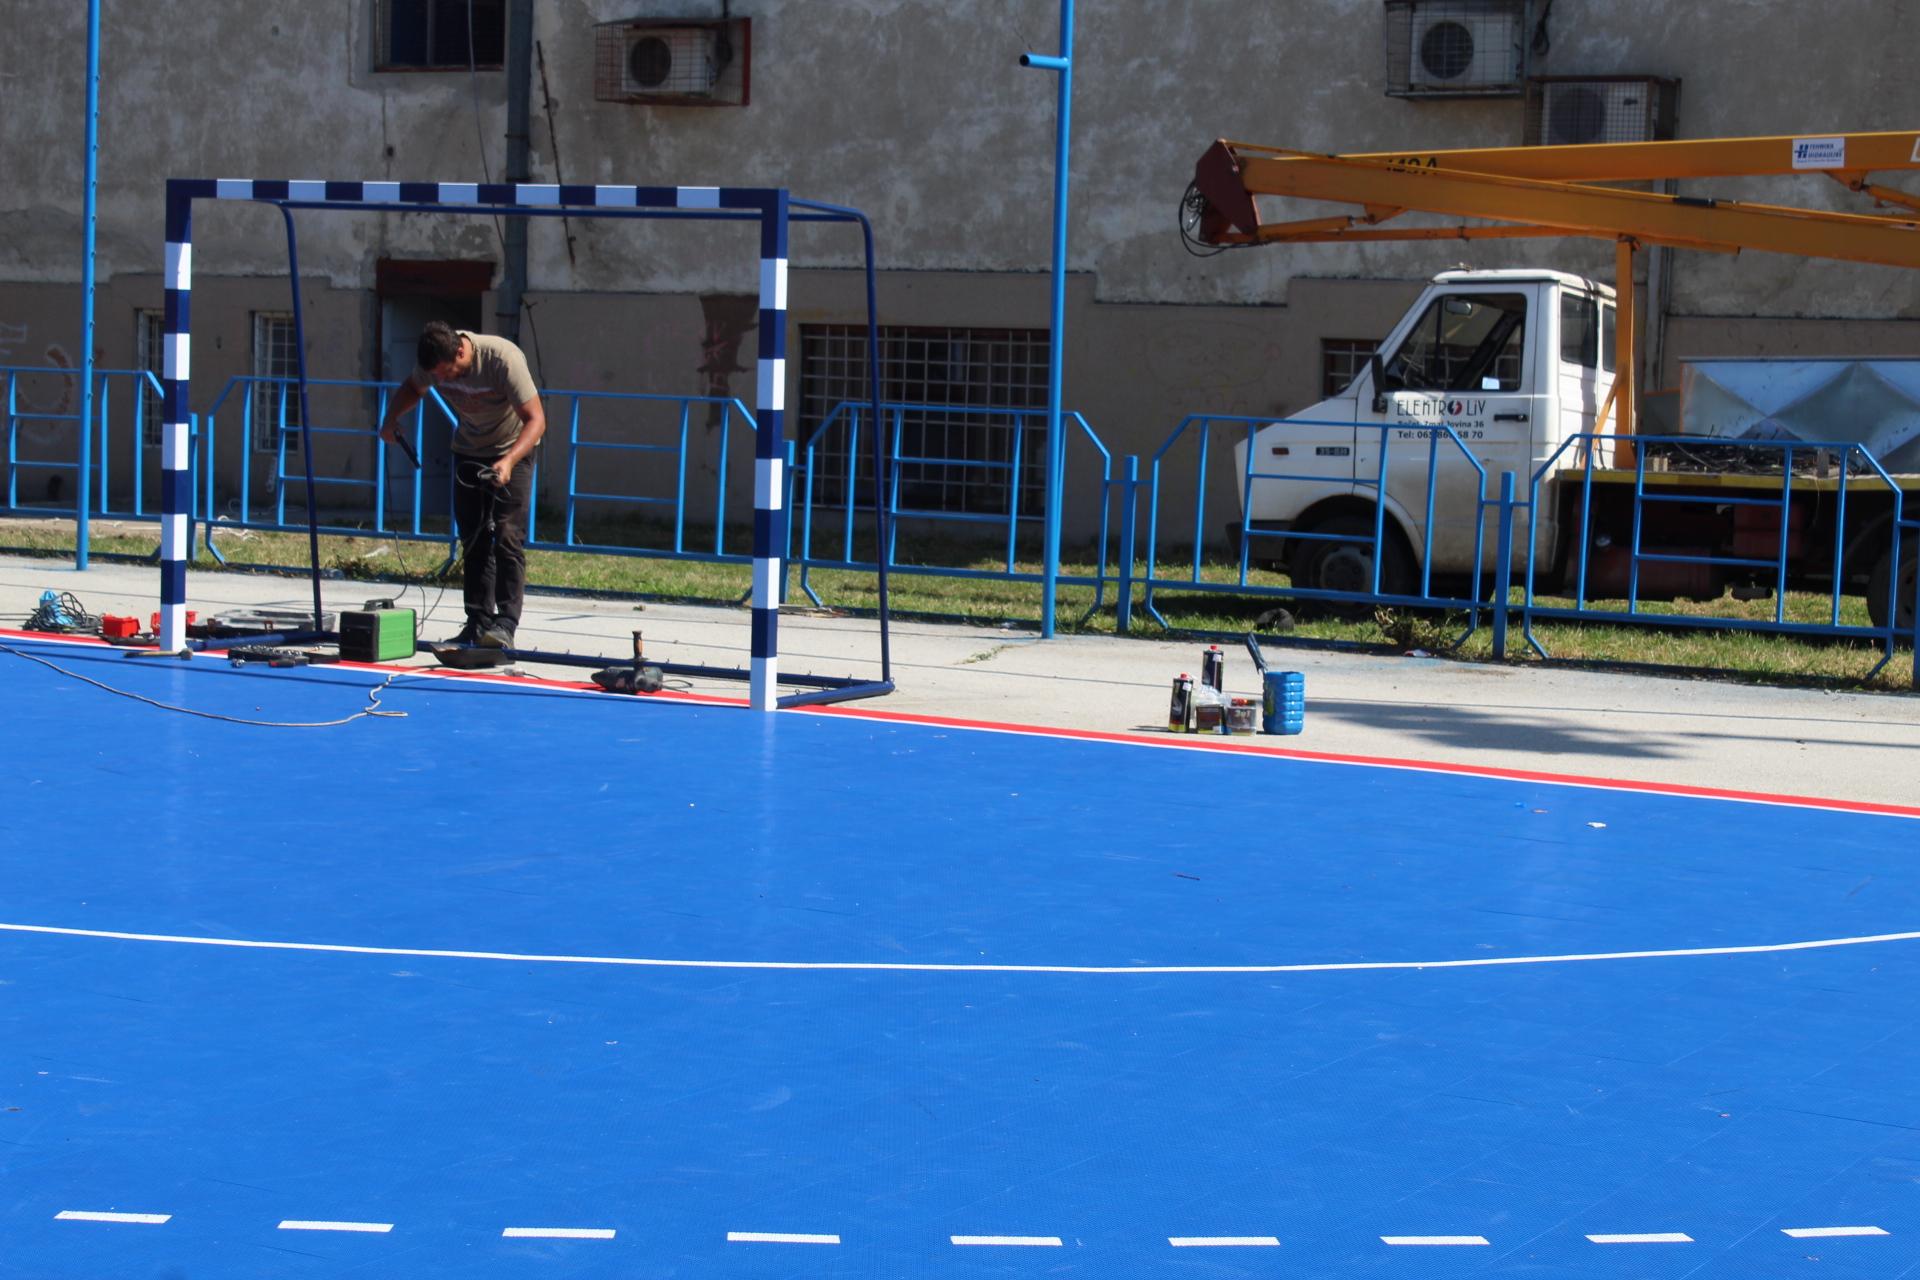 Umesto takmičenja u malom fudbalu, na terenu su majstori